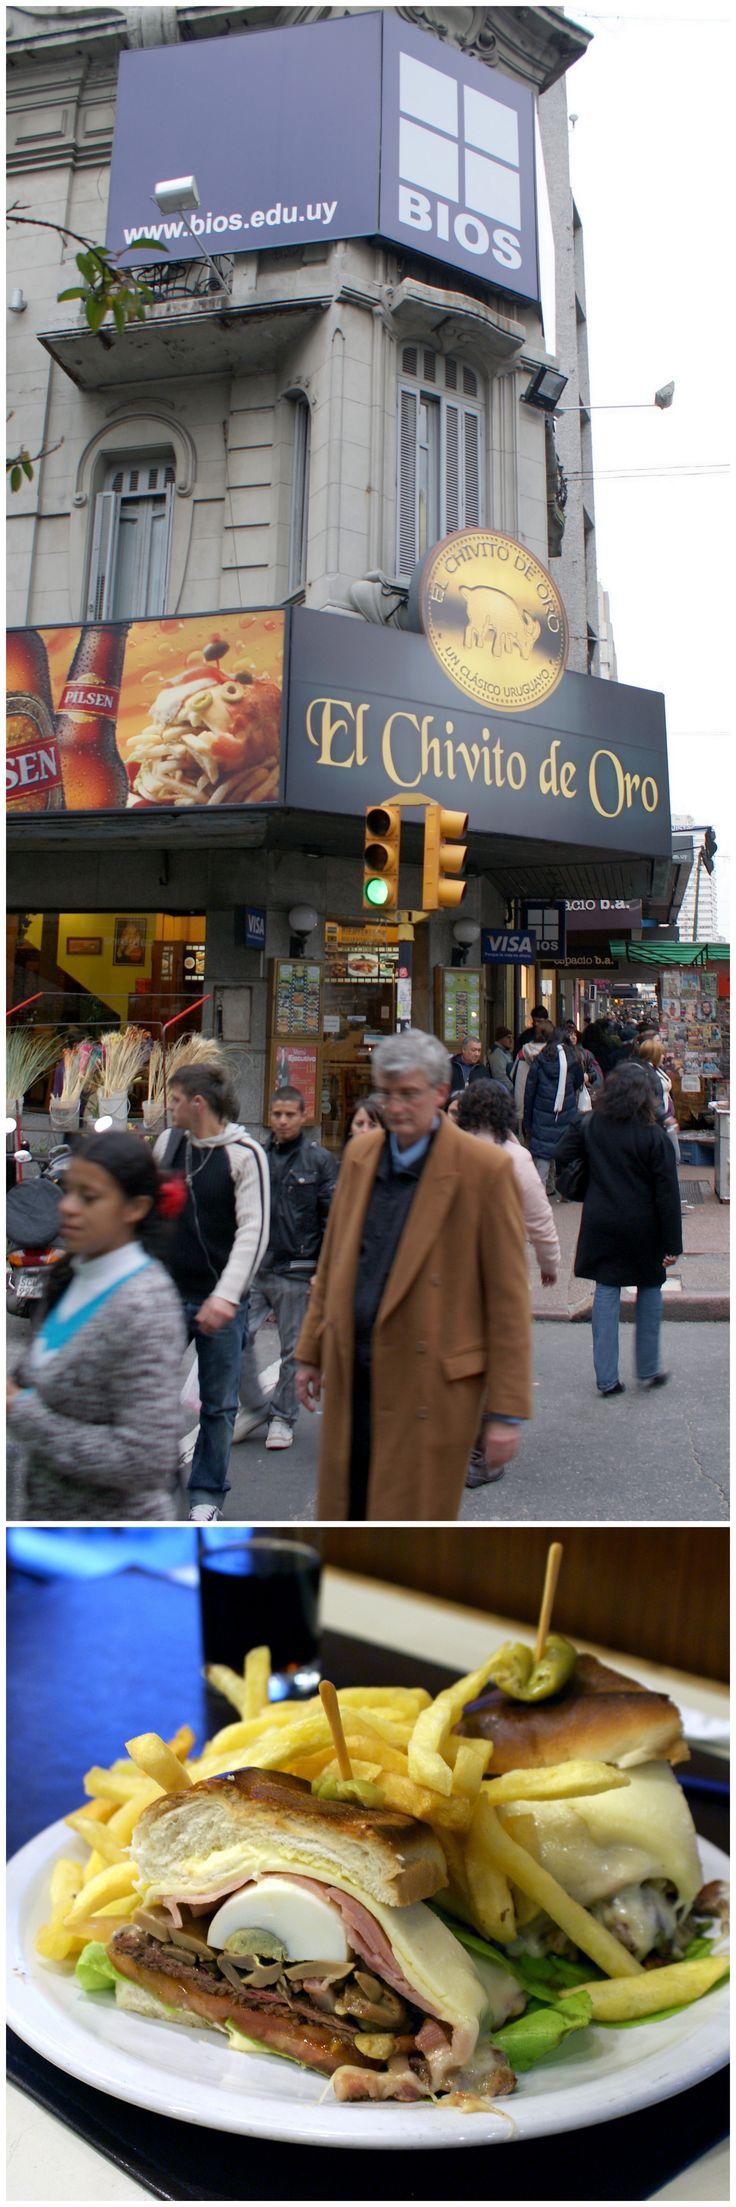 El Chivito de Oro... best chivito in Uruguay...  18 de Julio 1251 esq. Yi  Centro  Montevideo - Uruguay